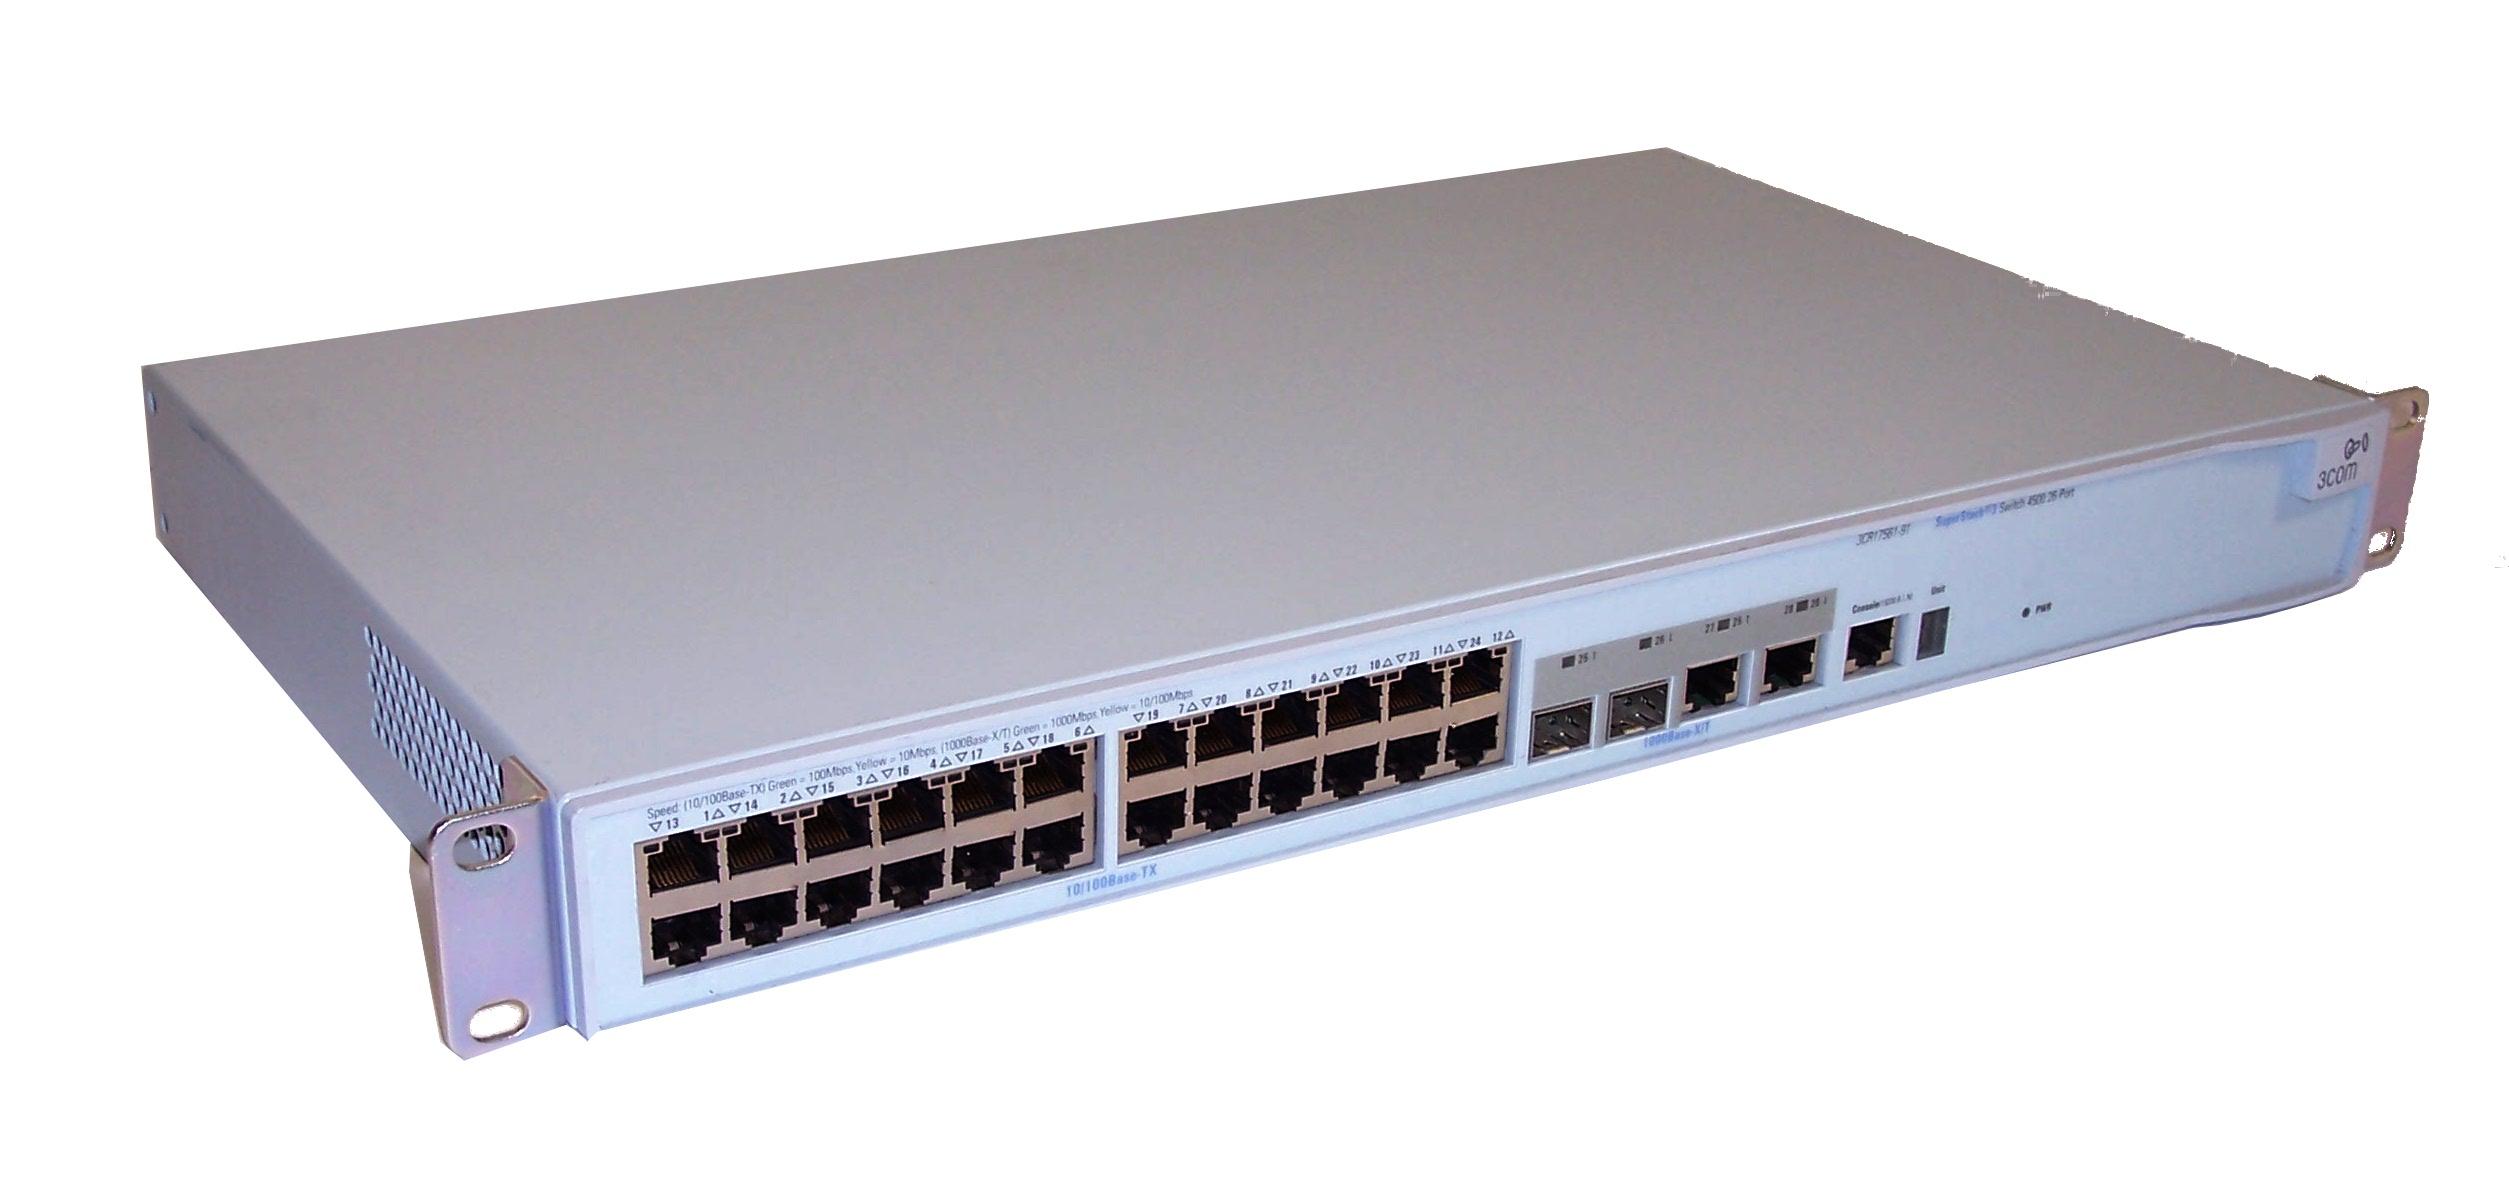 3com 3cr17561 91 superstack 3 4500 26 port switch ebay for 3 com switch